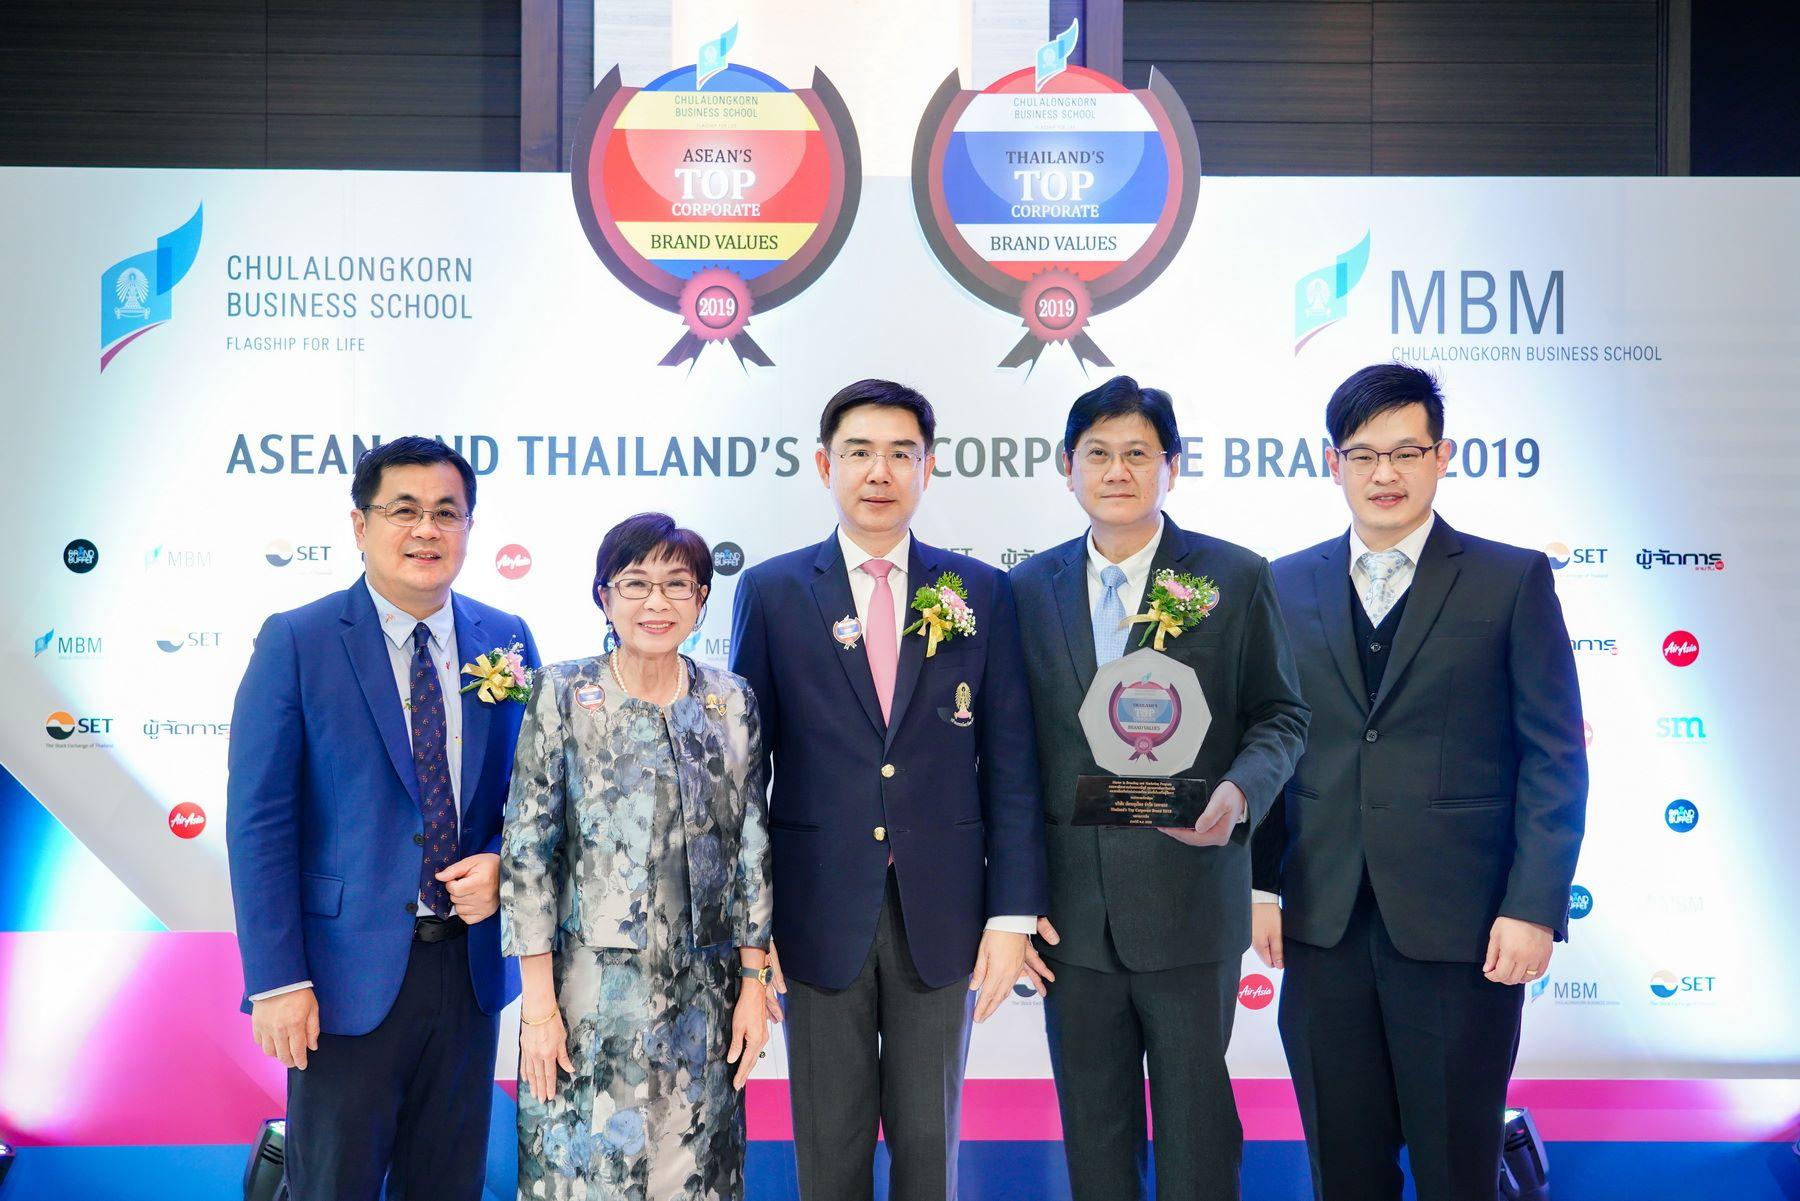 """เคทีซีคว้ารางวัล 2 ปีซ้อน องค์กรที่มีมูลค่าแบรนด์สูงสุดในหมวดการเงิน """"Thailand's Top Corporate Brand Value 2019"""""""